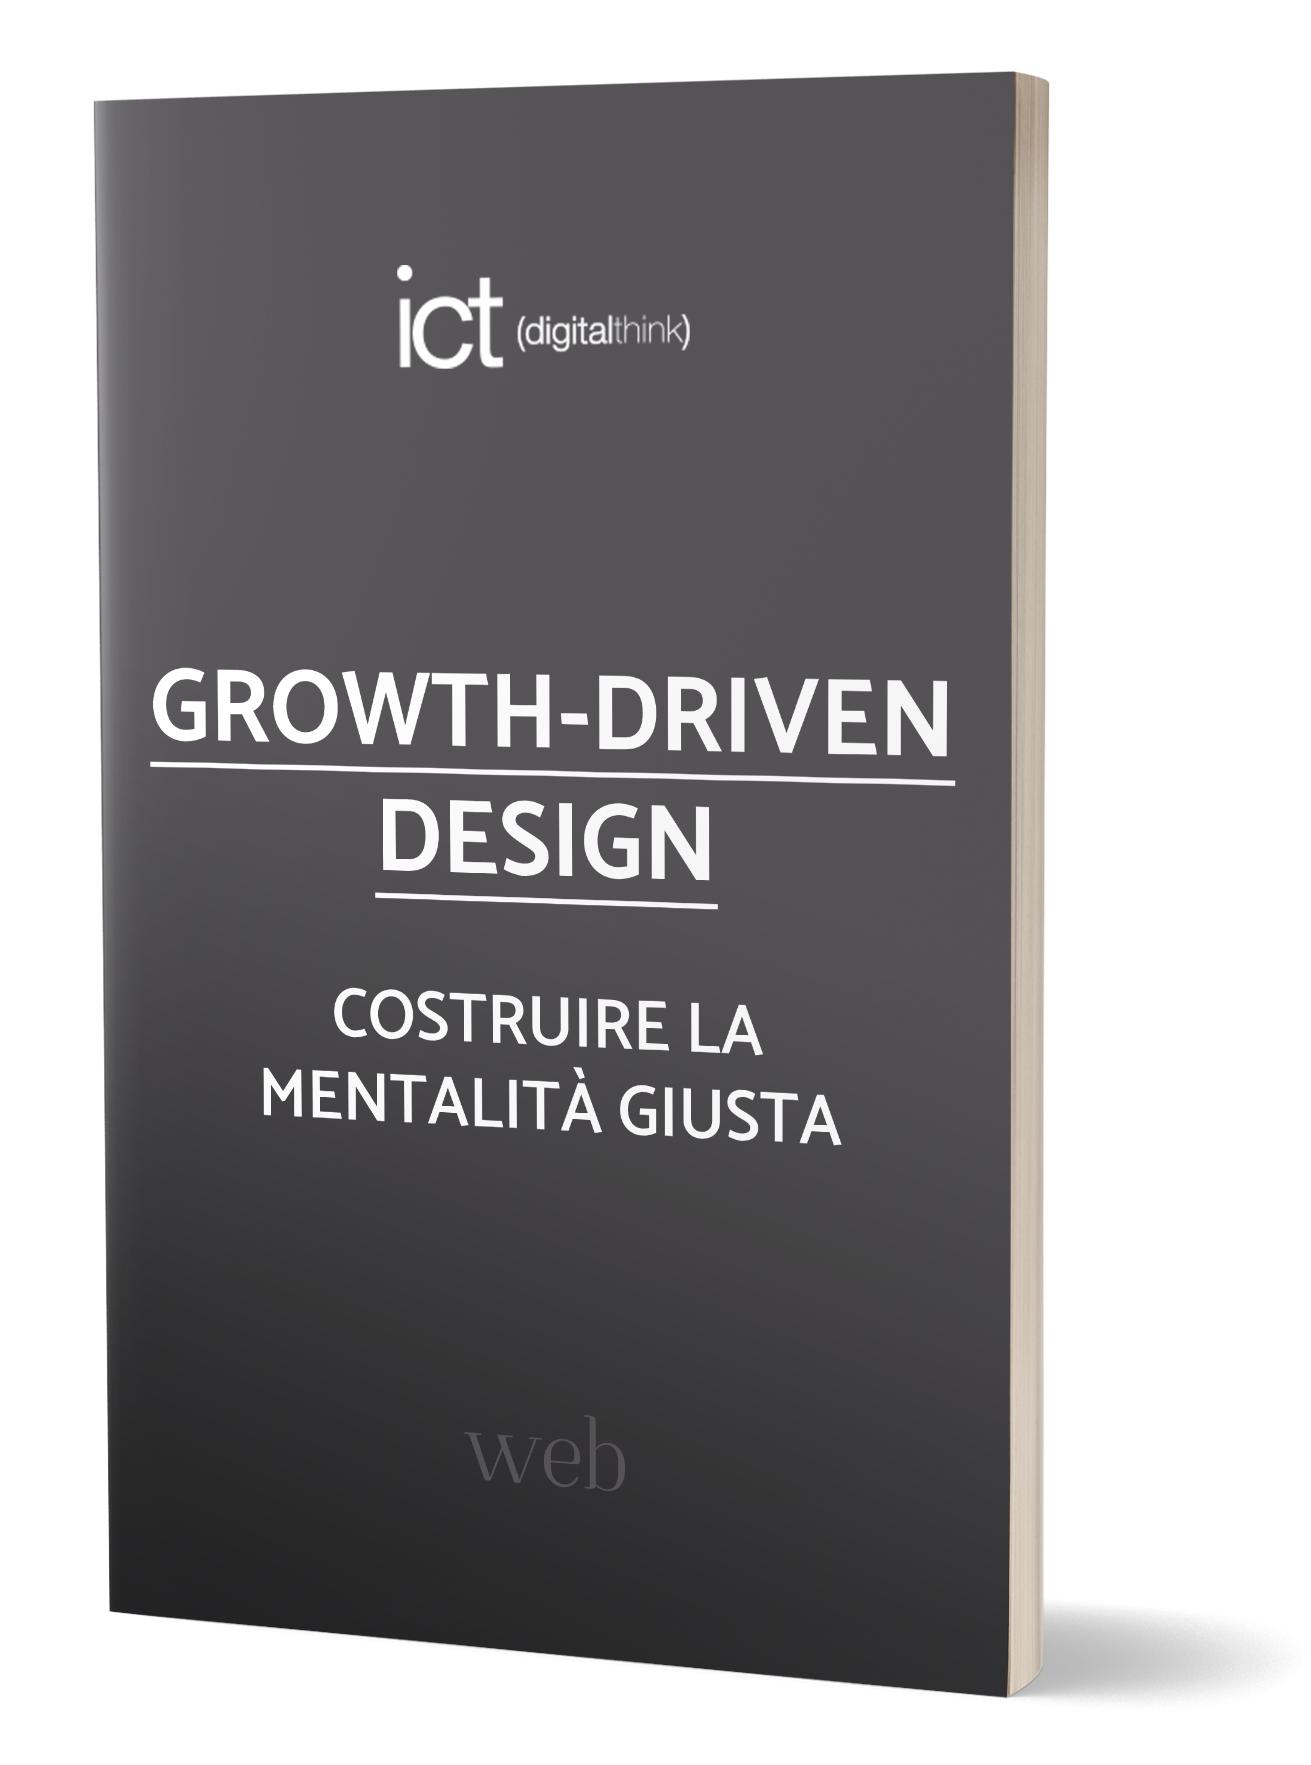 costruire-mentalita-growth-driven-design